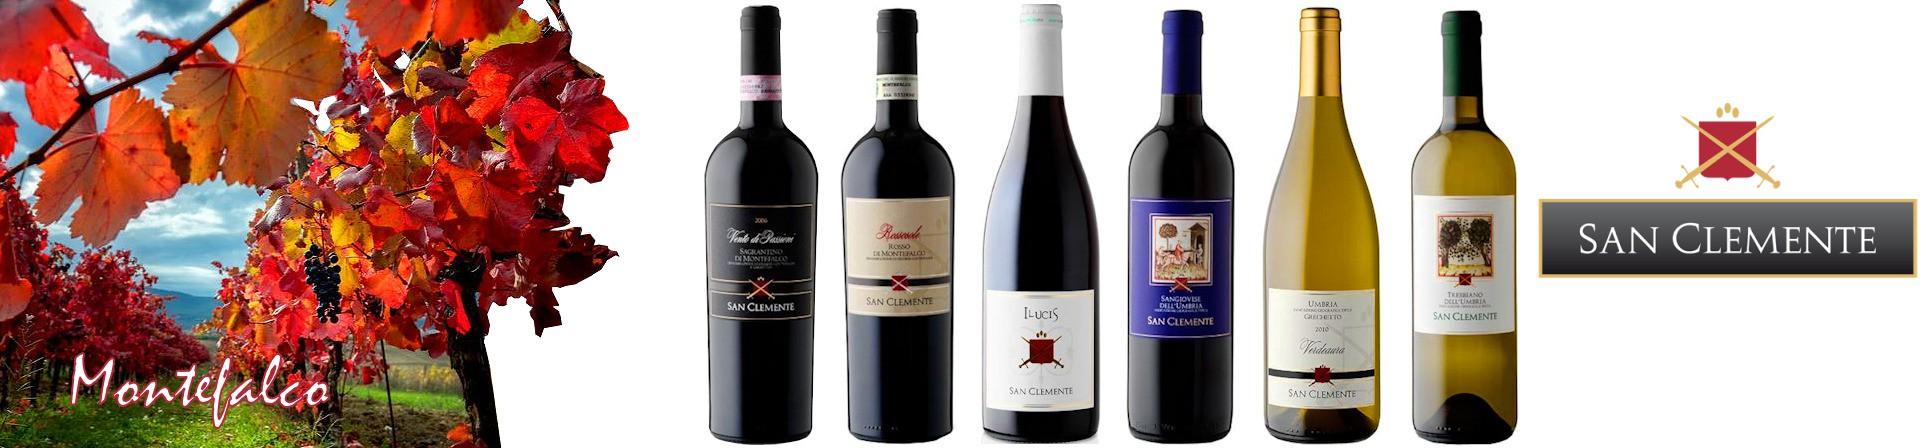 Vini Rosso di Montefalco, Sagrantino di Montefalco, Umbria Grechetto, Trebbiano dell'Umbria  - Cantina San Clemente vendita online